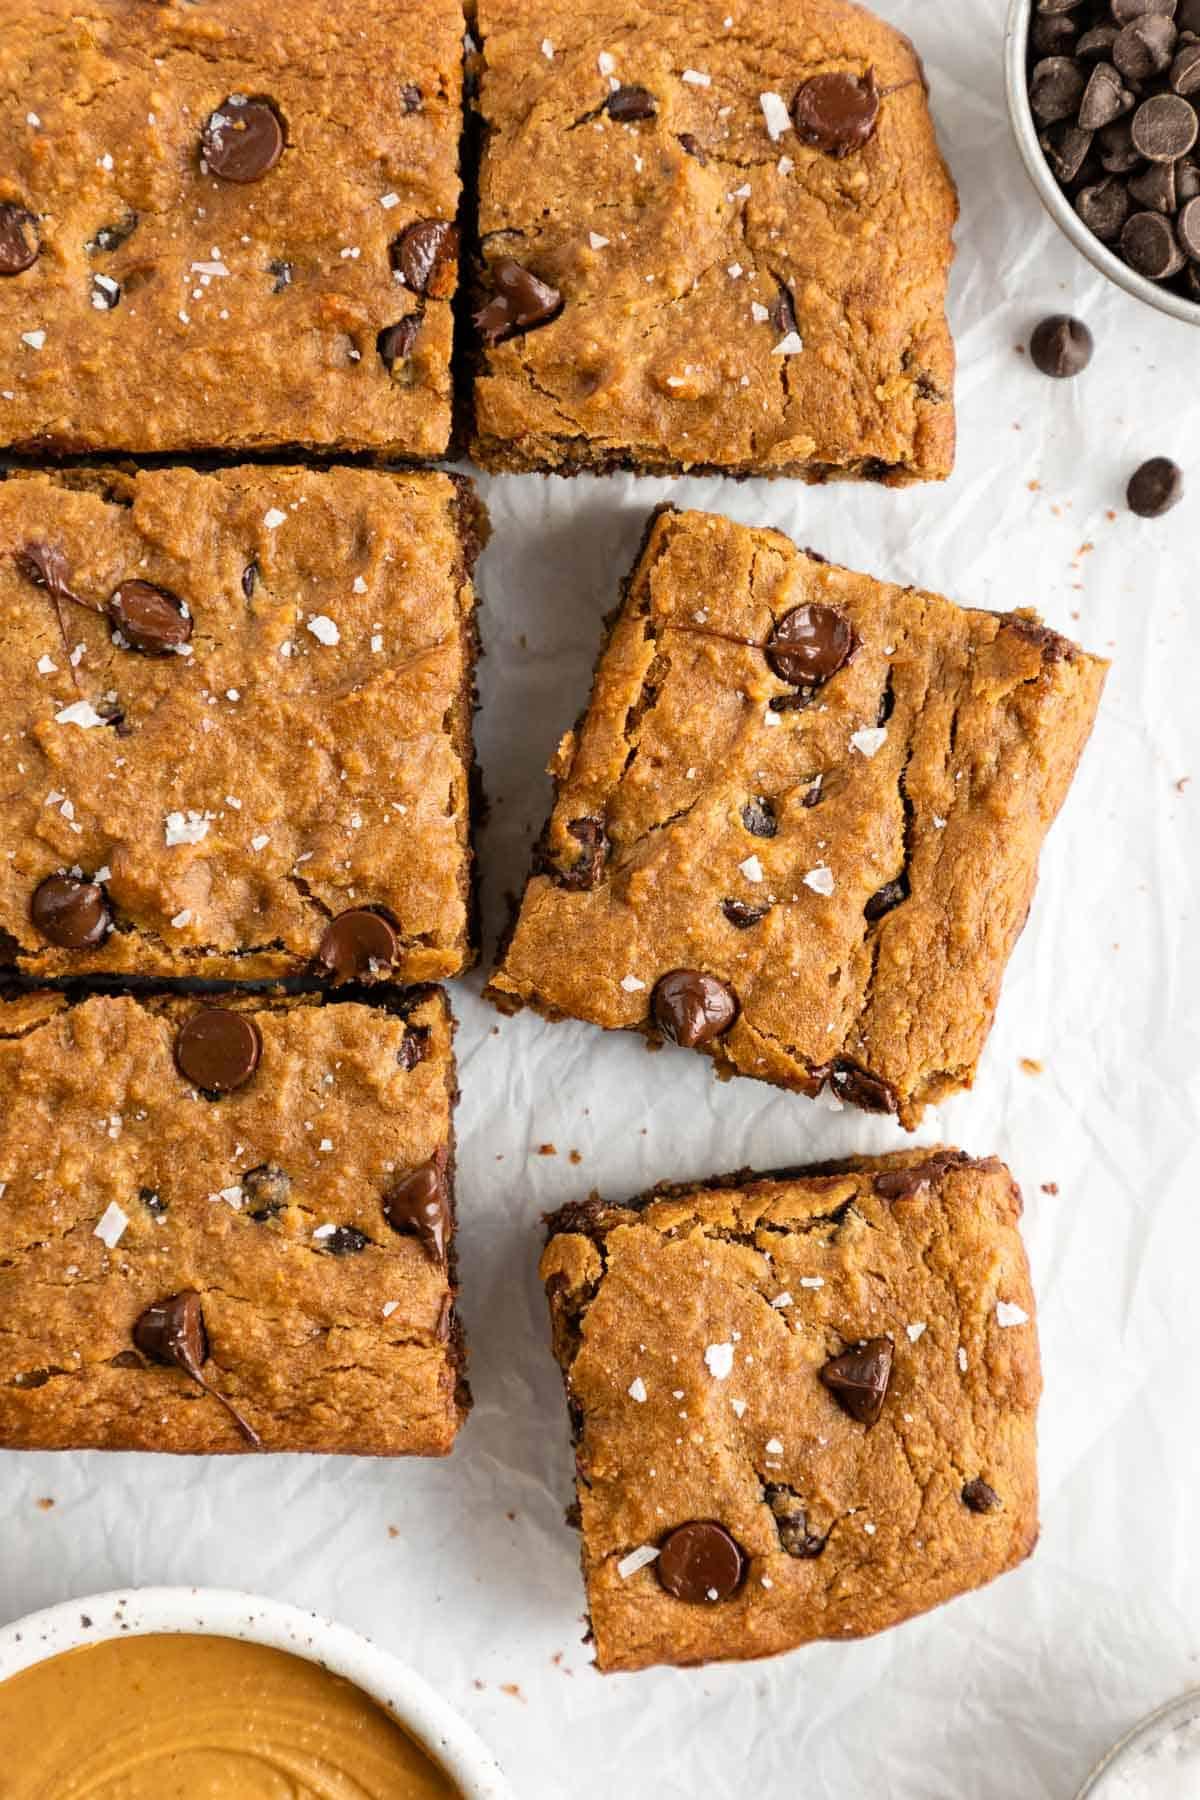 vegan gluten-free chocolate chip banana blondie bars